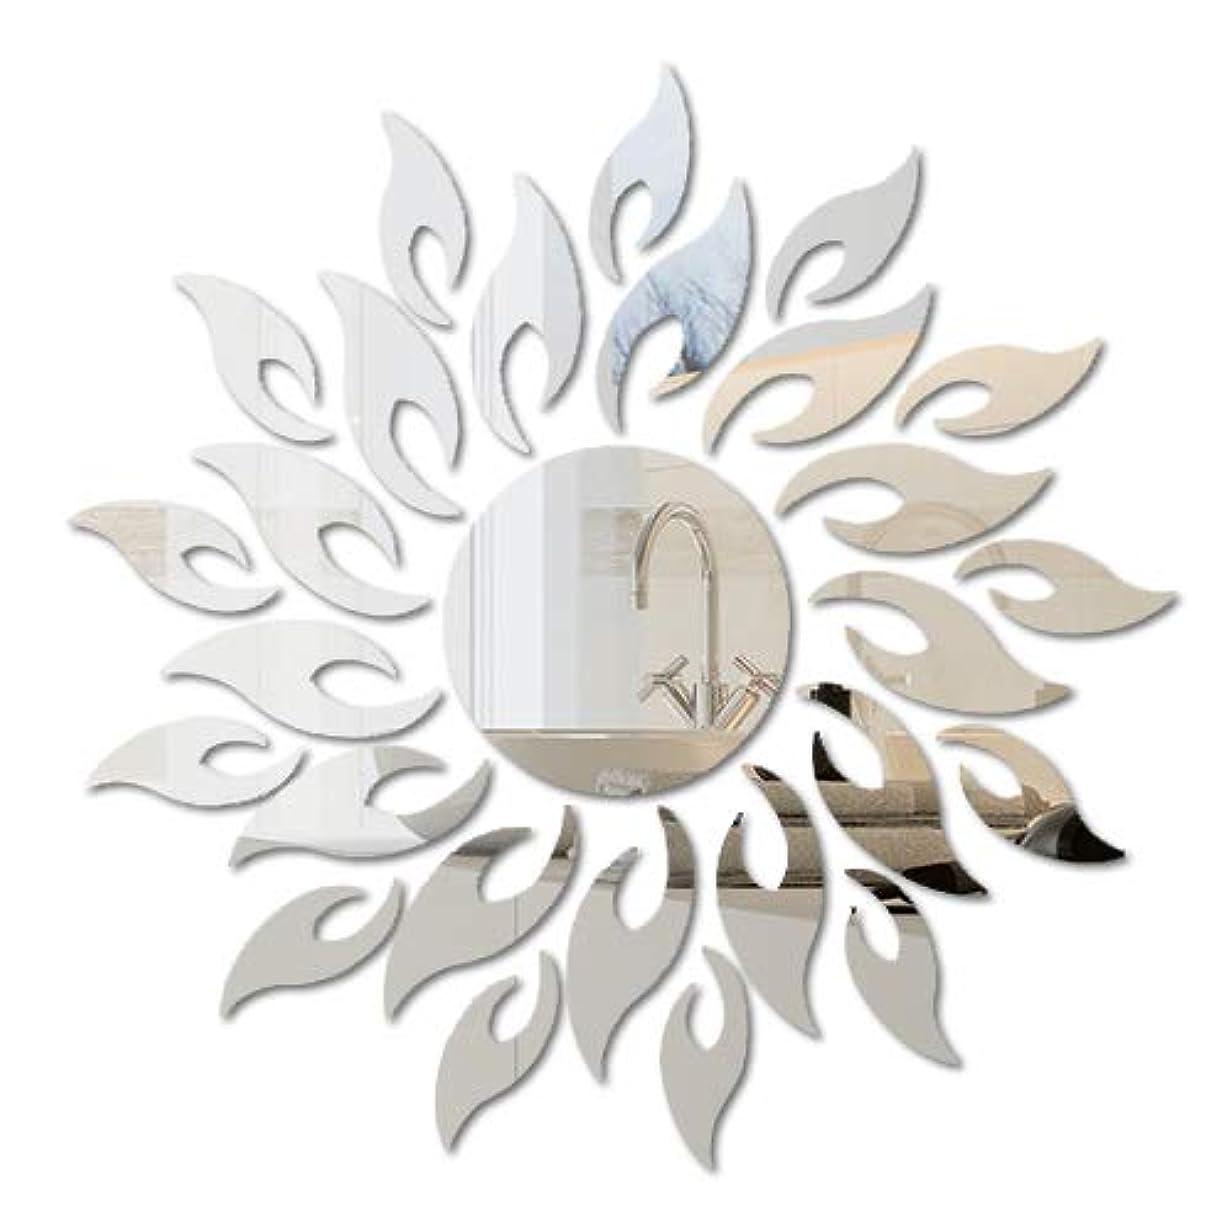 磨かれたゆり舌な壁鏡 壁貼りシール インテリア鏡貼 壁 装飾ミラー リビングルーム ベッドルーム 玄関 浴室 化粧用 装飾用 DIY 太陽花 安全 割れない 折れない 鏡効果 おしゃれ 壁飾り 壁掛け 3D 立体 1.2mm (1.2mm, 太陽花)